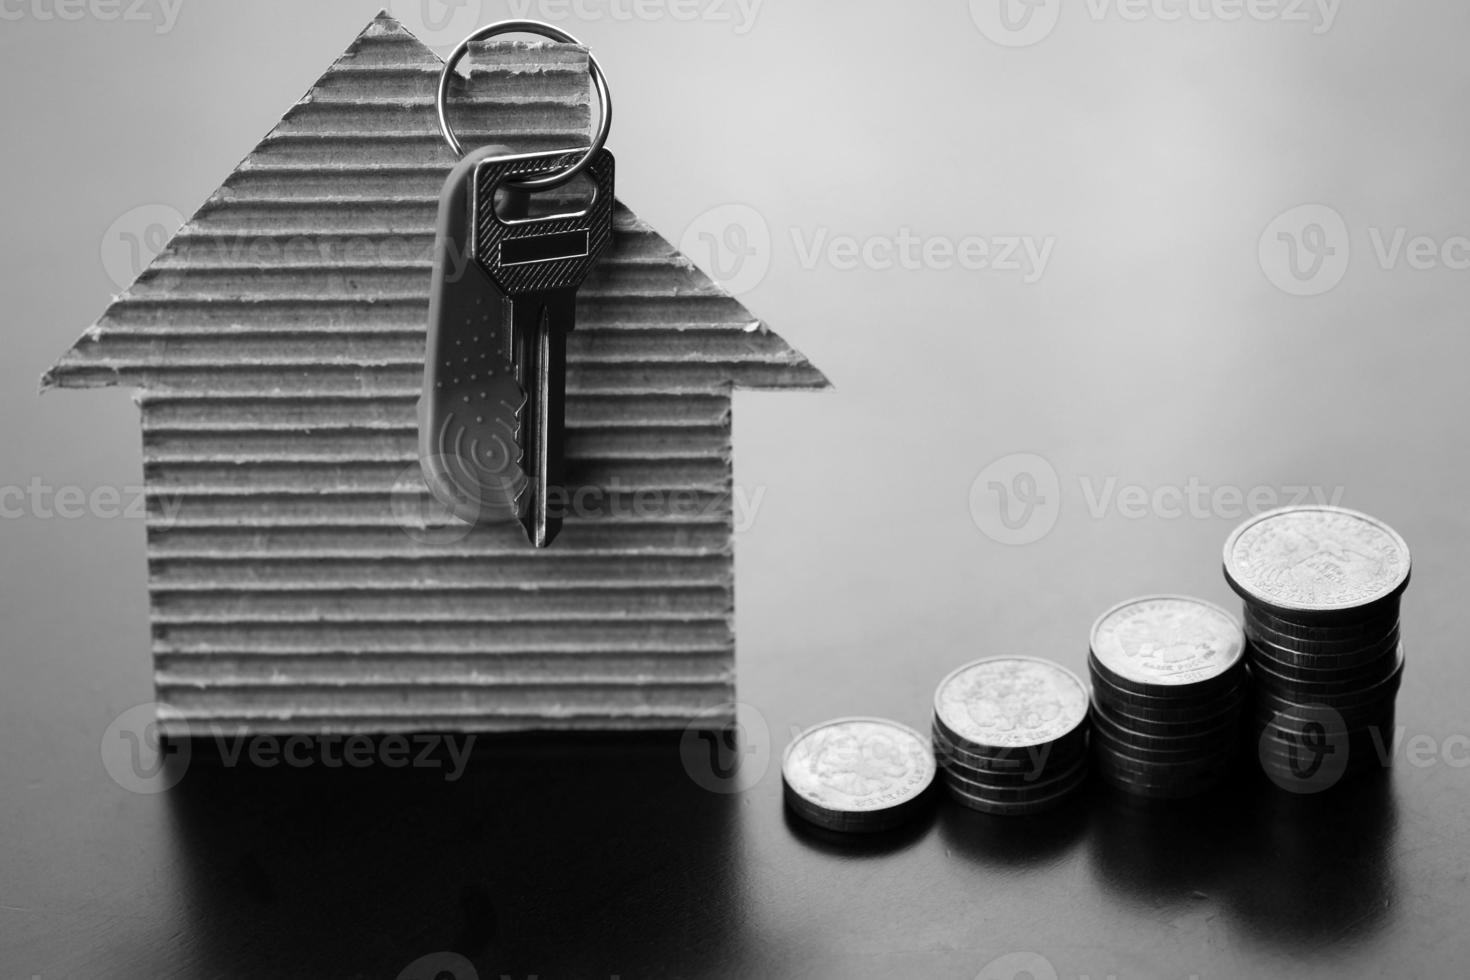 immobilier clés papier maison photo